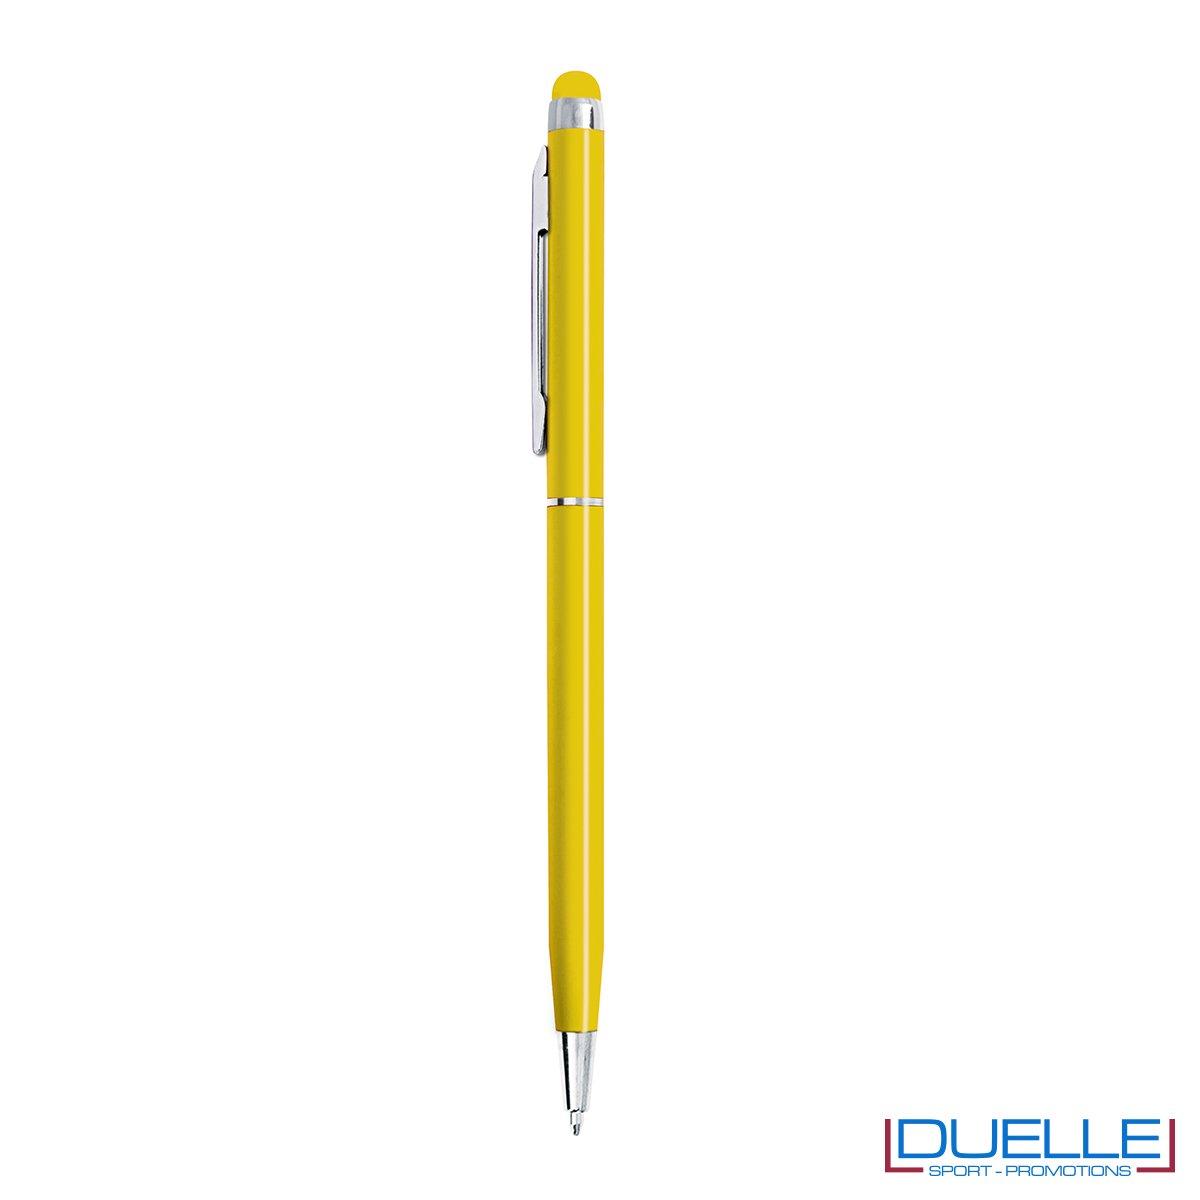 penna touch screen fusto sottile personalizzate in metallo rosse, penne touch personalizzata colore giallo